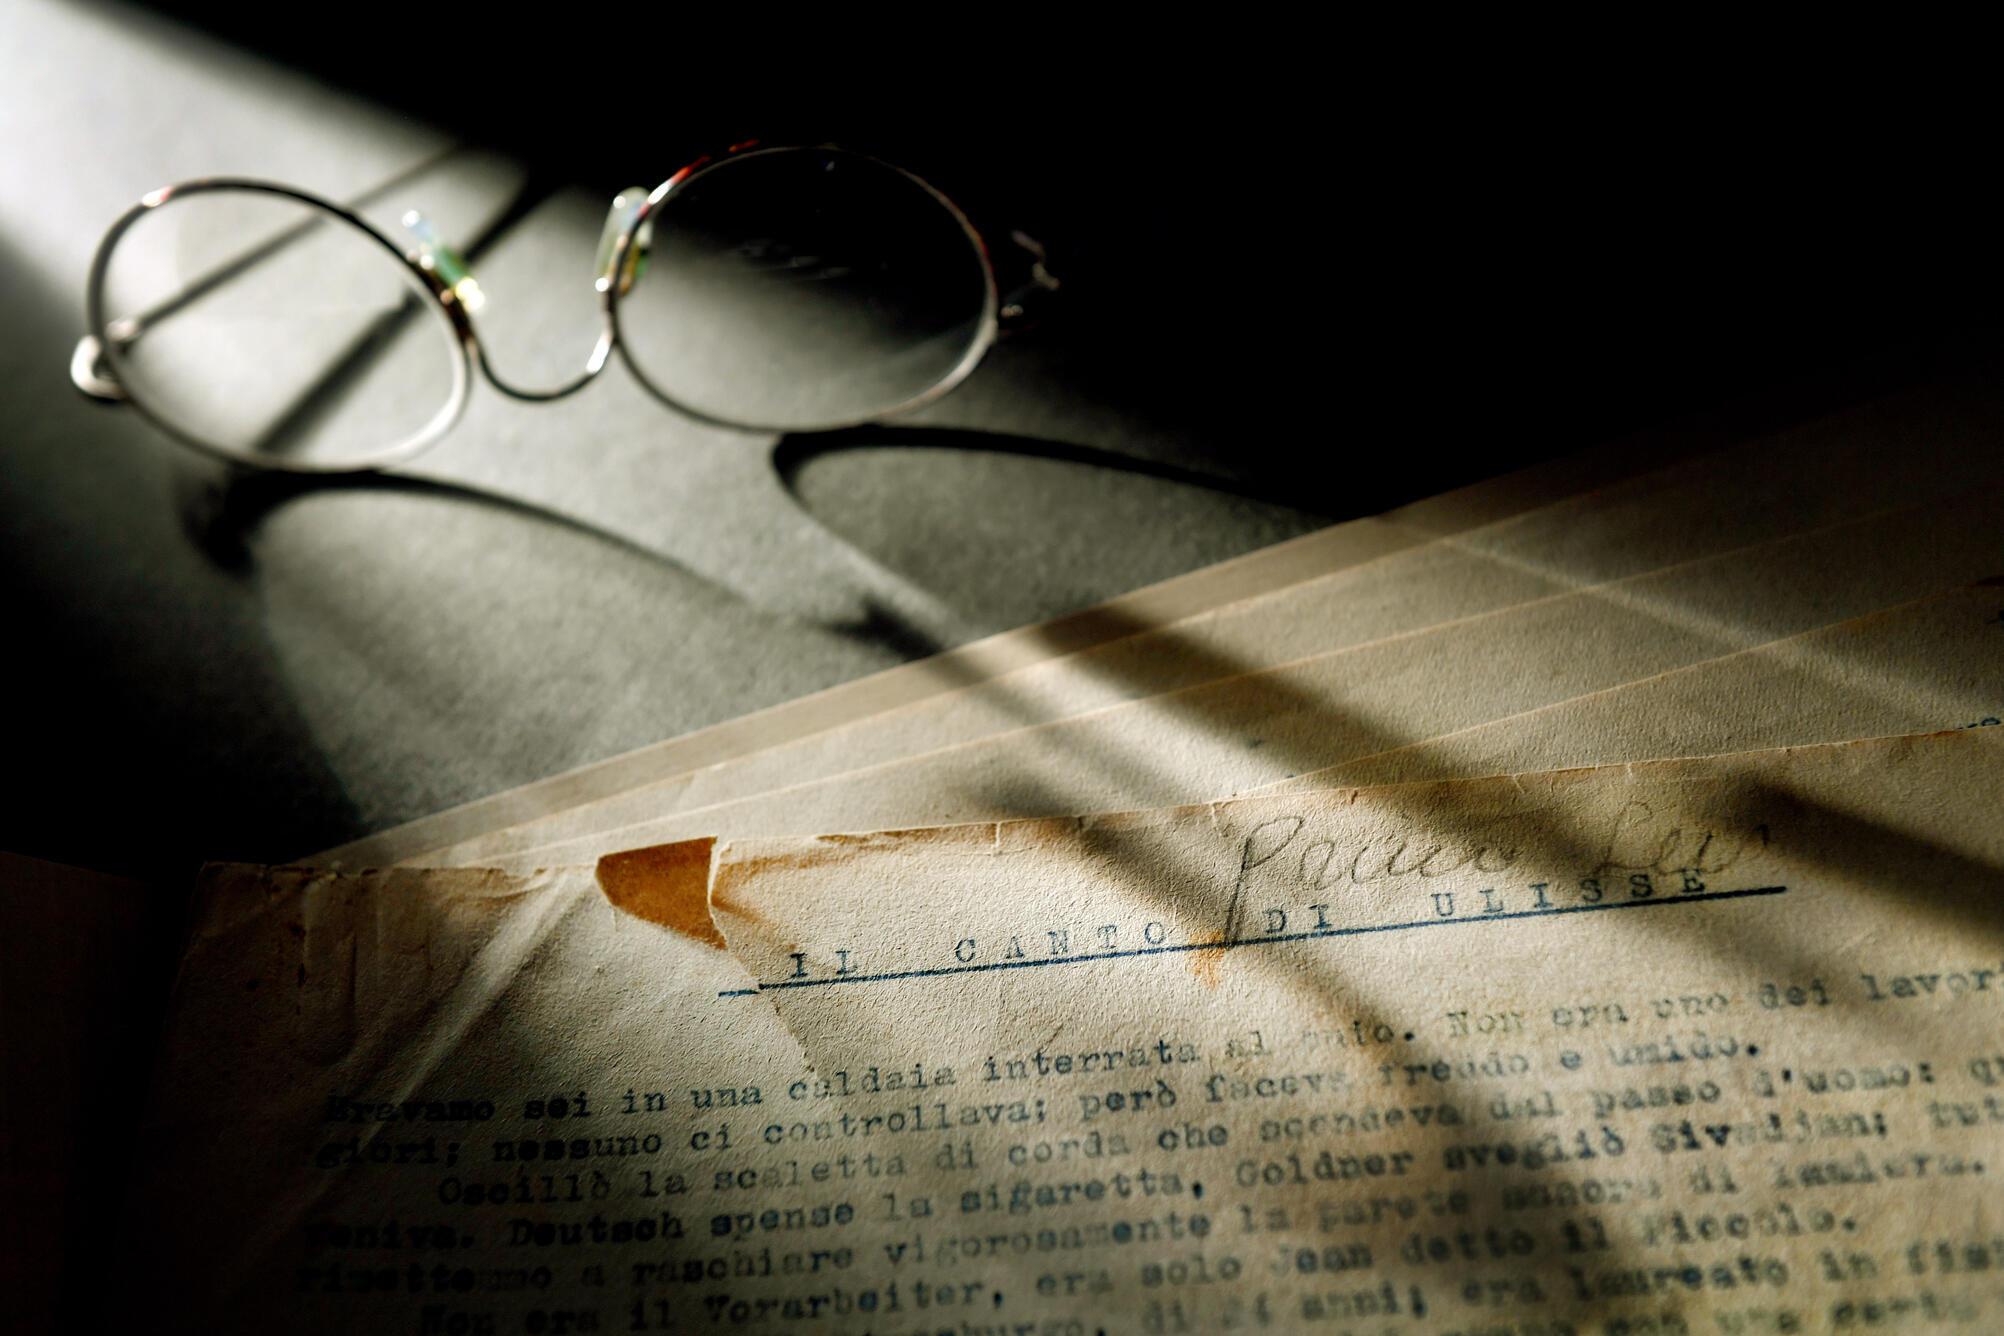 Un manuscrit original de Primo Levi exposé au musée de l'Holocaust, à Washington.